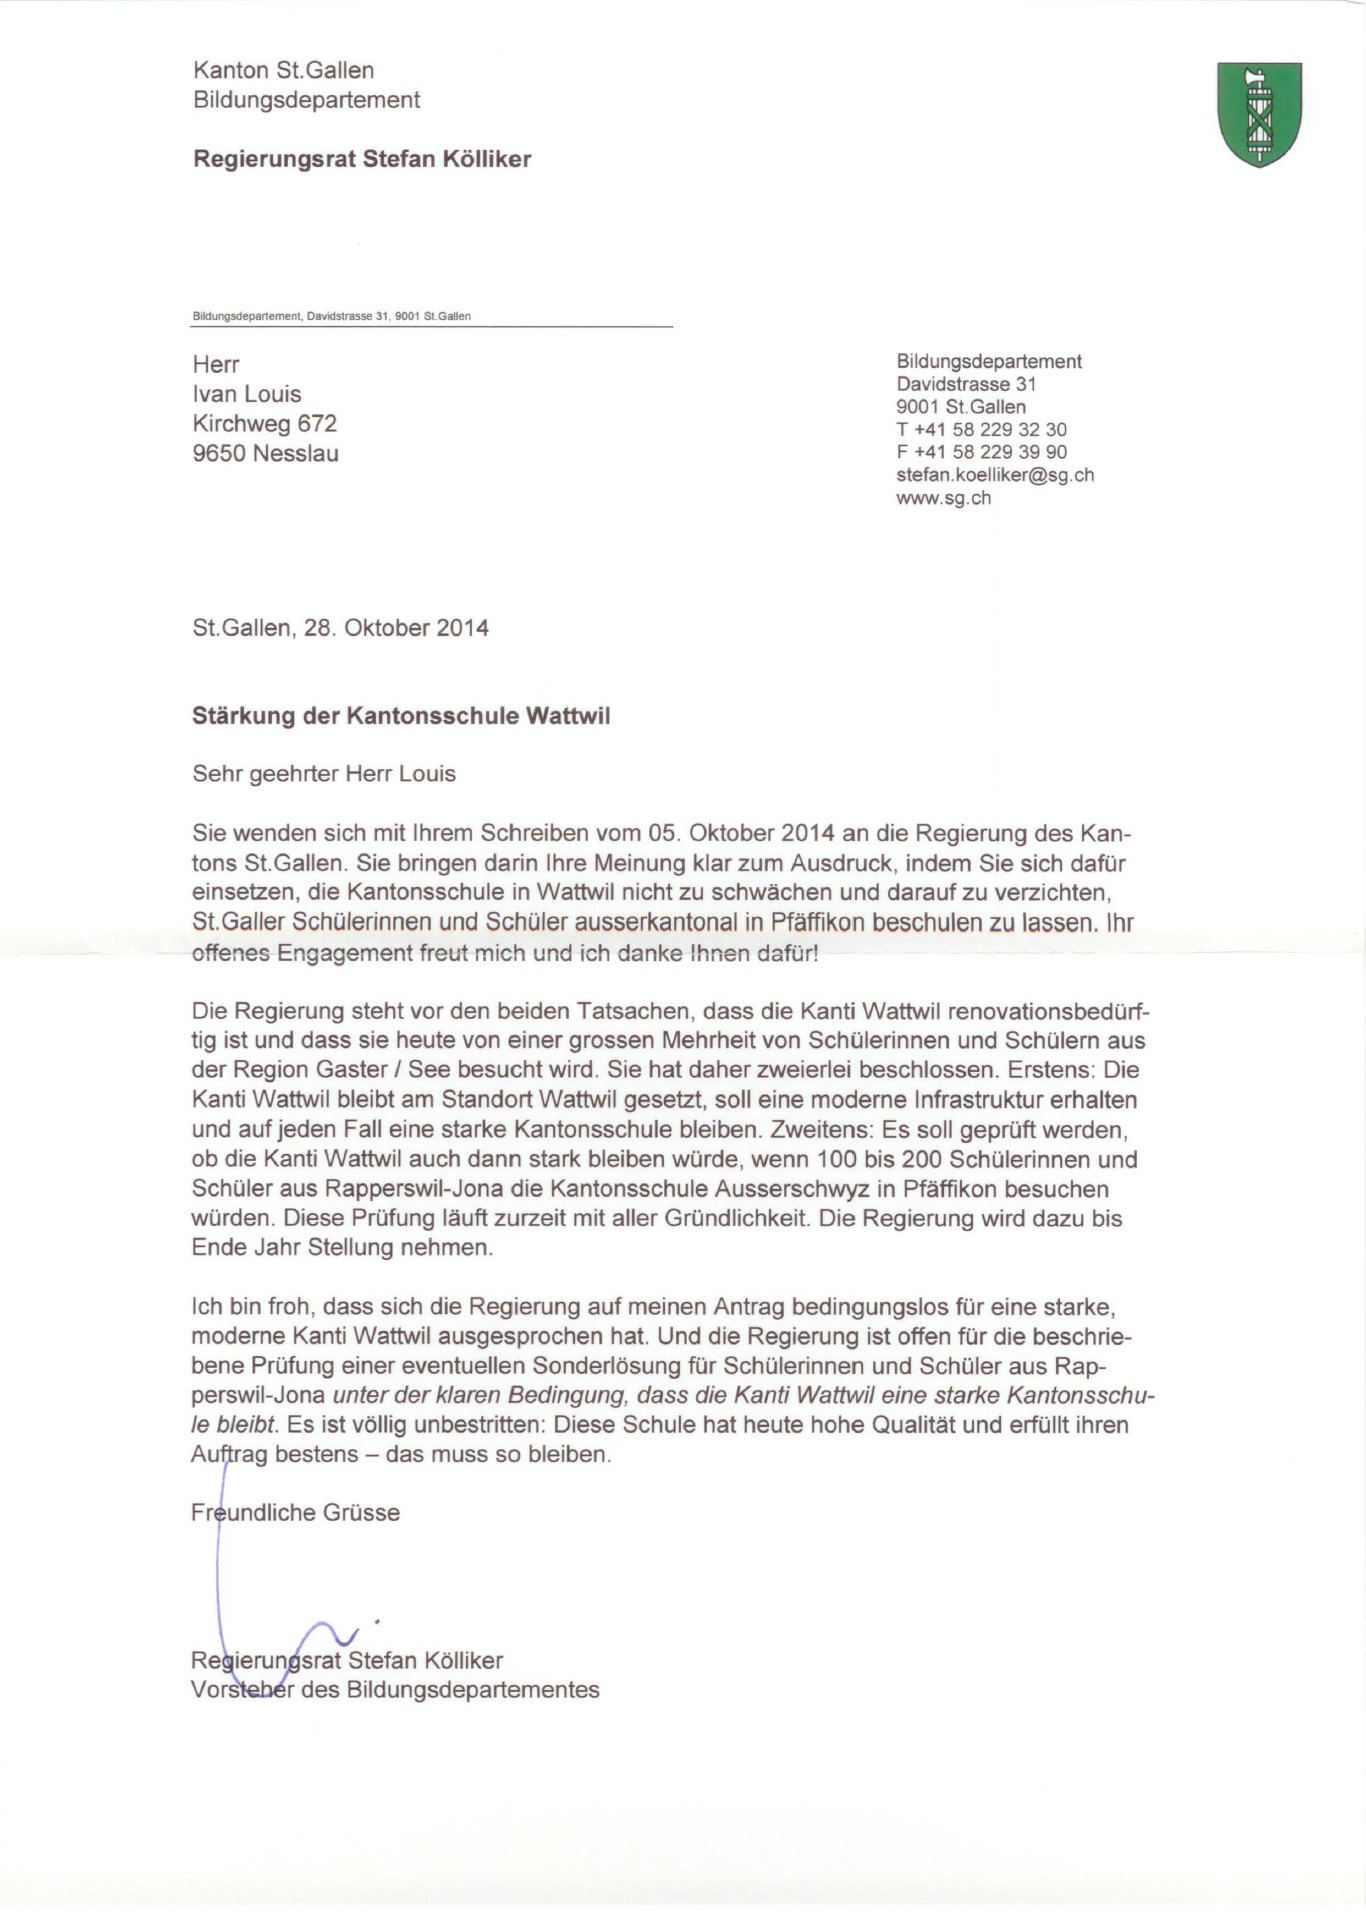 Antwort zur Briefaktion von Regierungsrat Stefan Kölliker (Donnerstag, 30.10.2014)